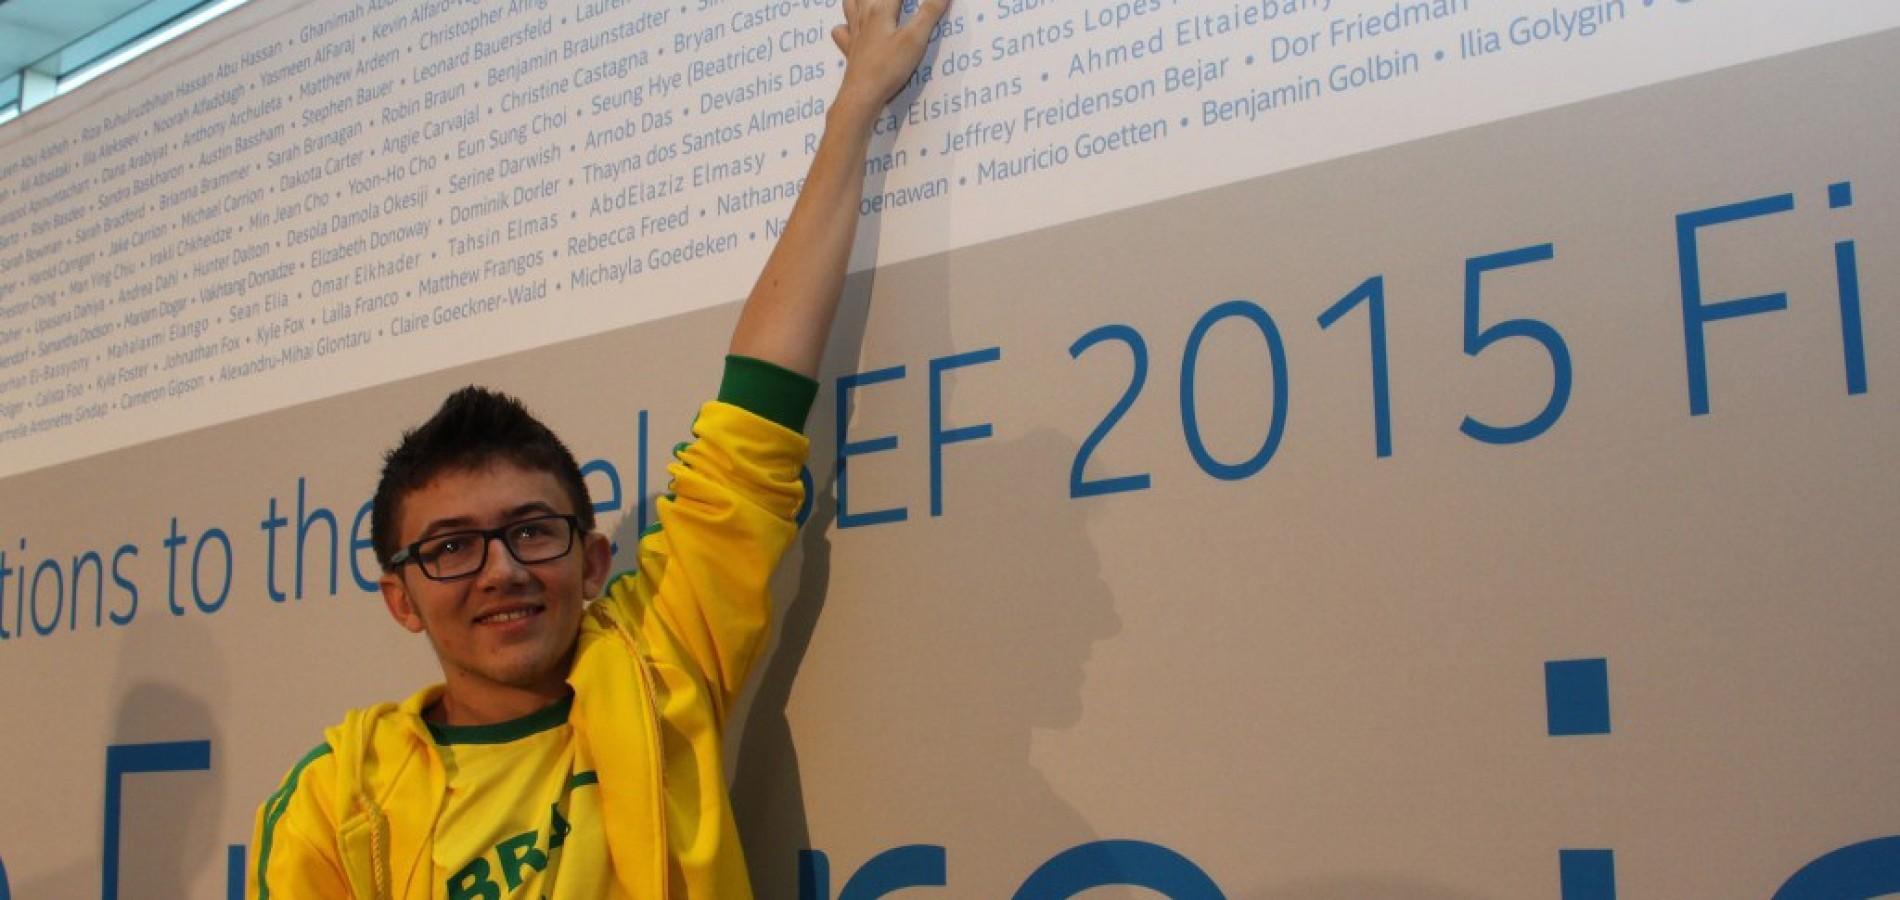 Jovem nordestino ganha prêmio internacional por criar remédio contra a gripe